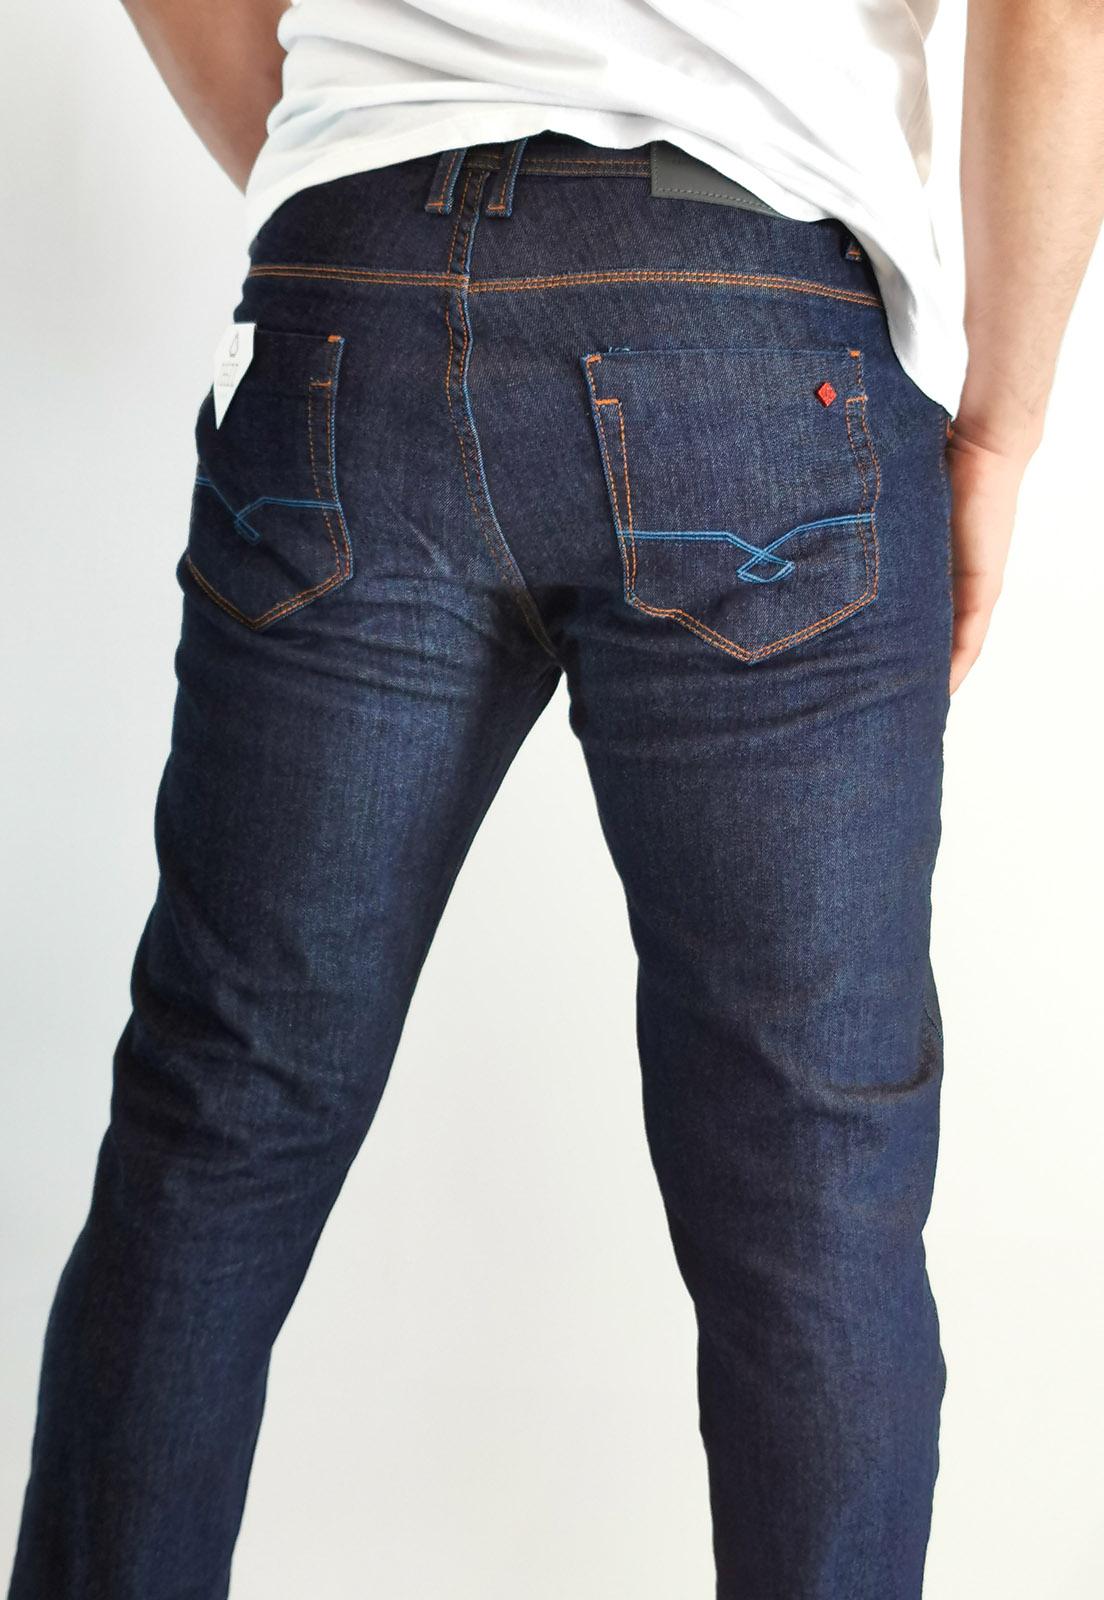 Calça Jeans Teezz Slim